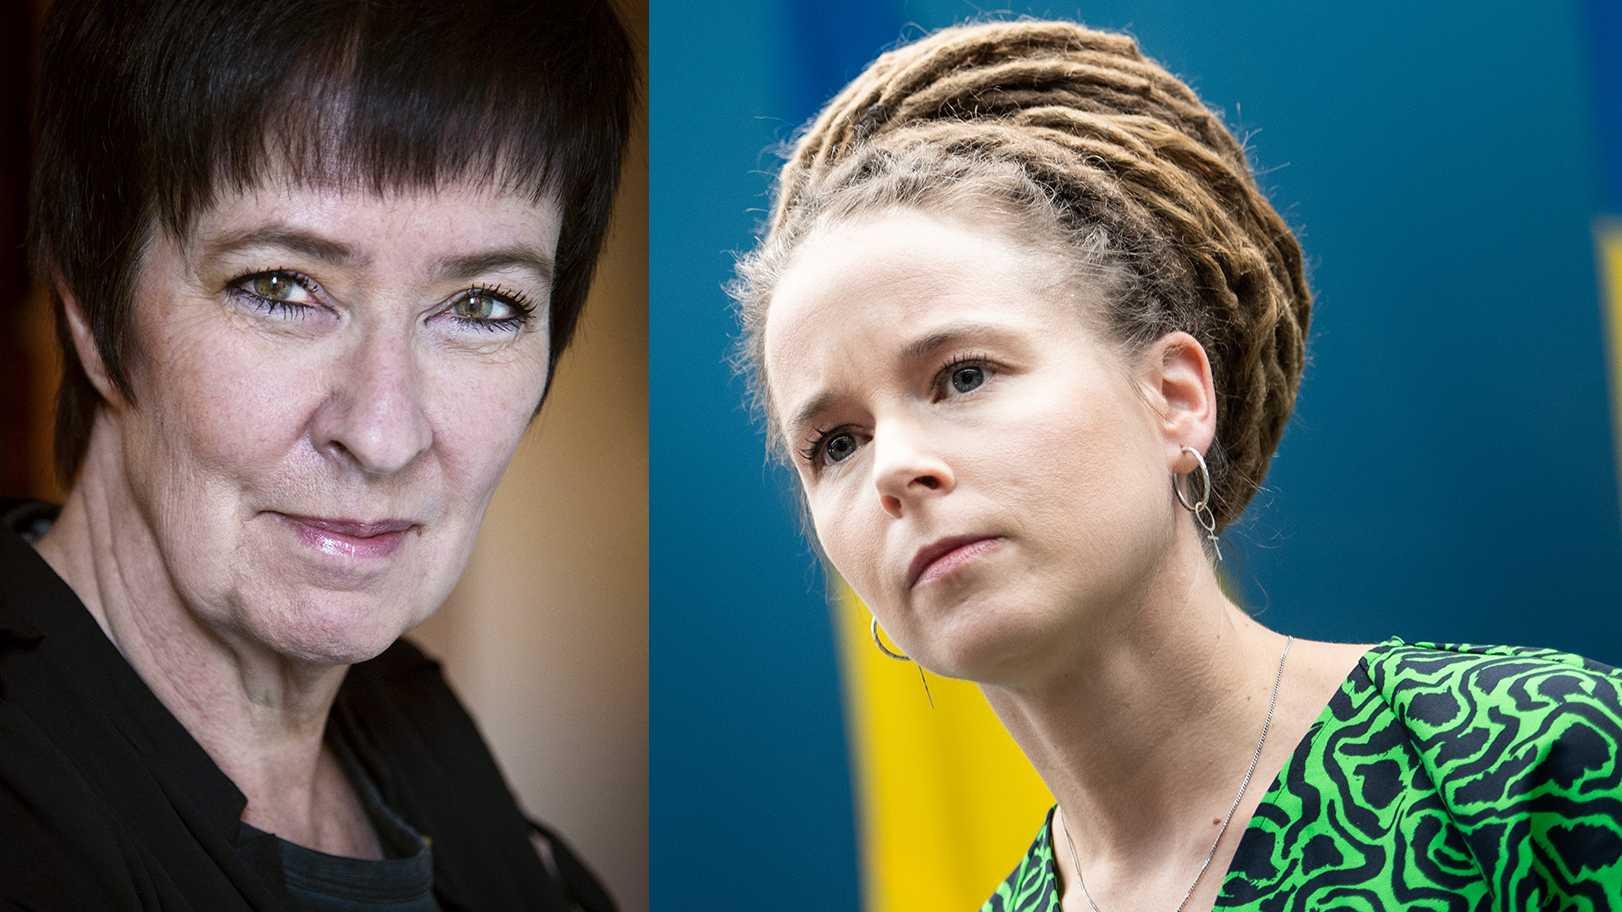 Mona Sahlin var samordnare mot våldsbejakande extremism, som skapade en stigmatisering av vänstern. Ny forskning visar att det har skadat demokratin.  Amanda Lind måste reparera skadan, menar Petter Larsson.